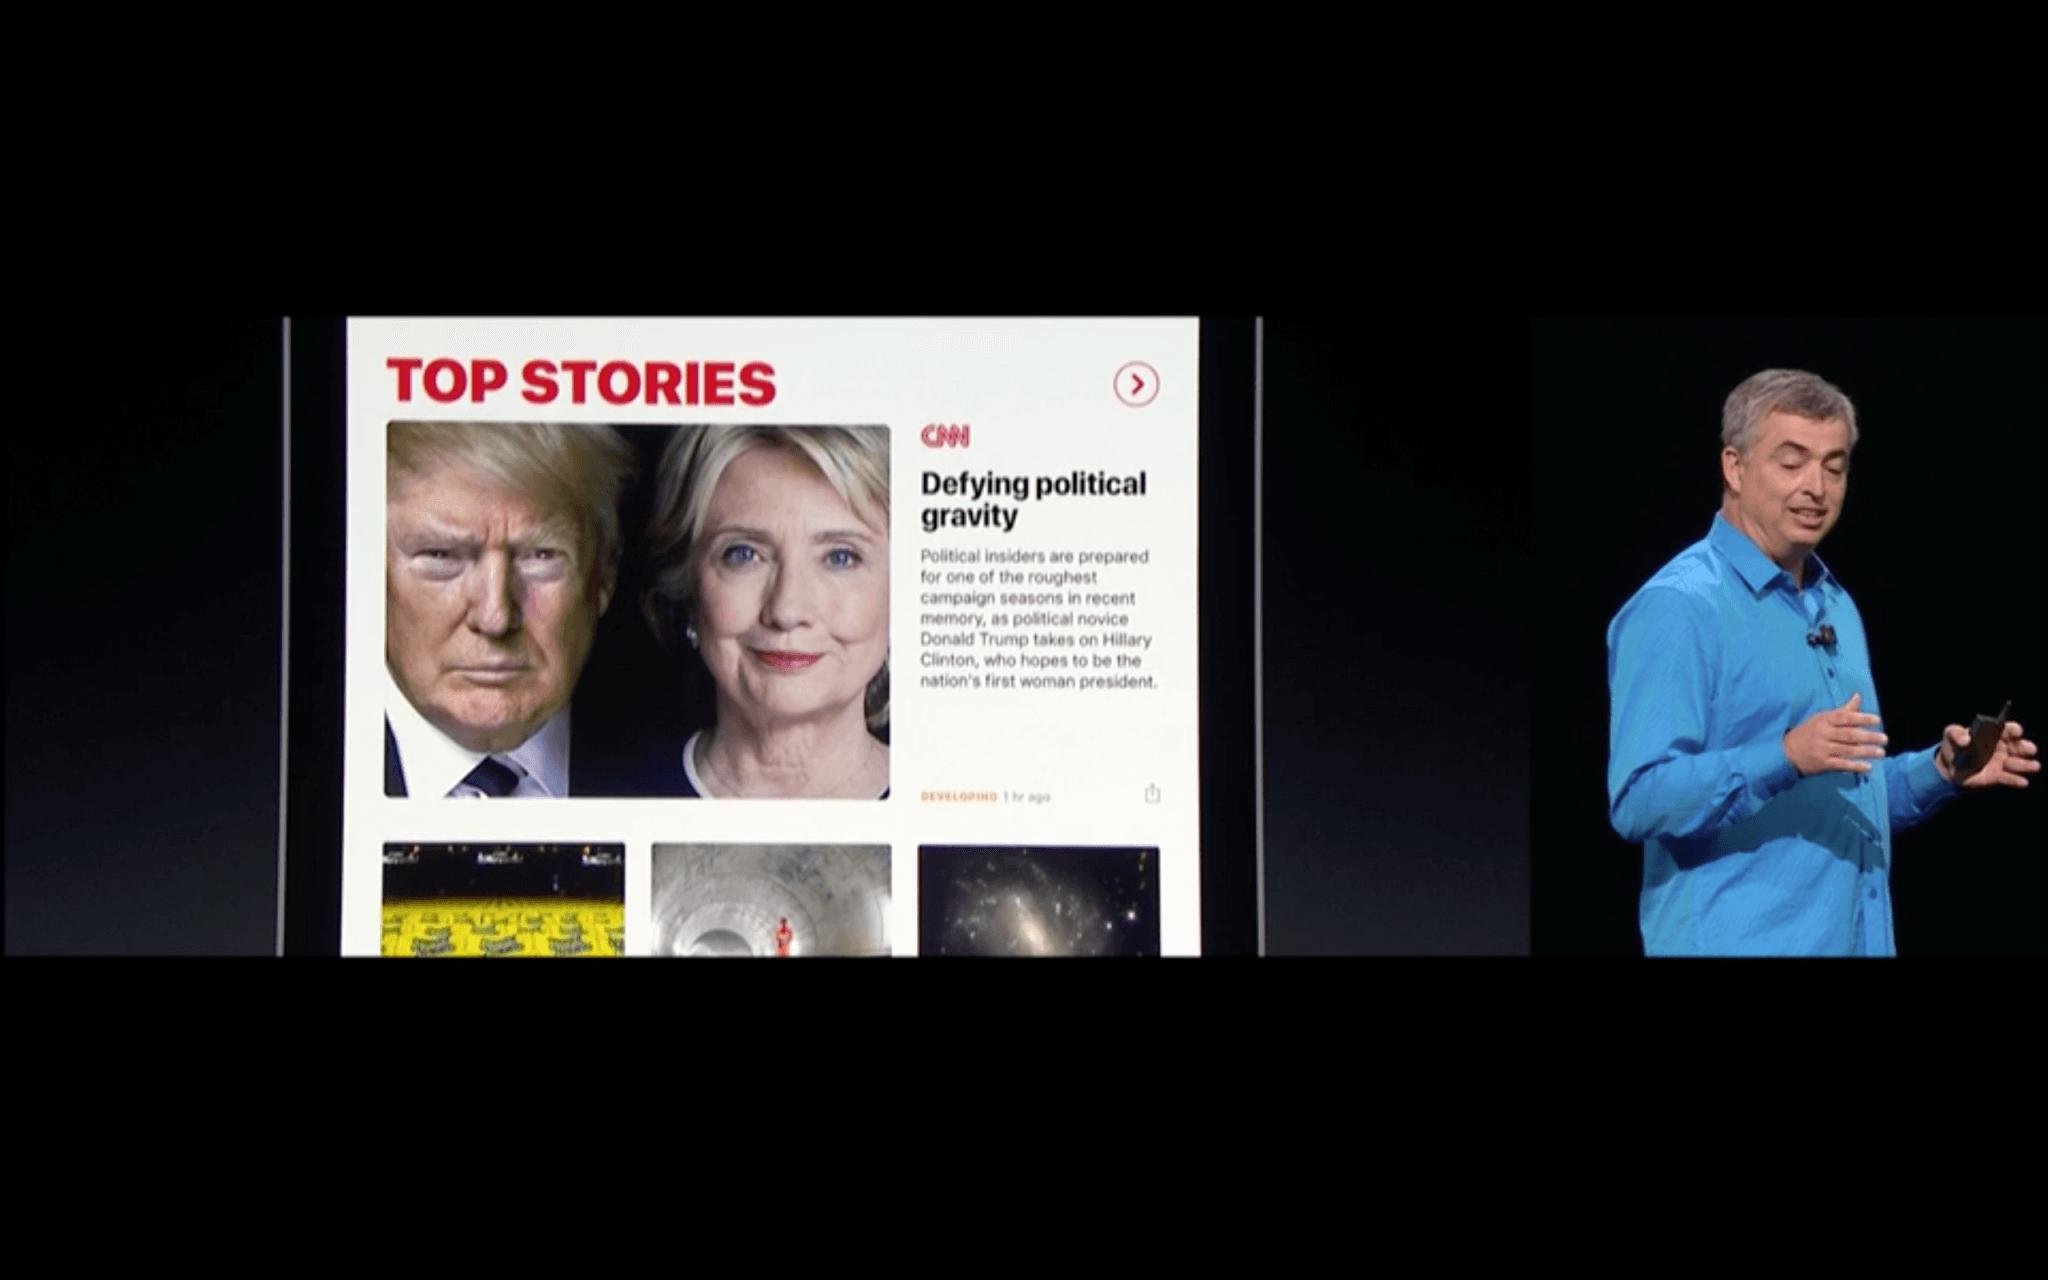 WWDC: Die News-App bietet jetzt auch Zeitschriften-Abos (Screenshot von Apples Livestream)